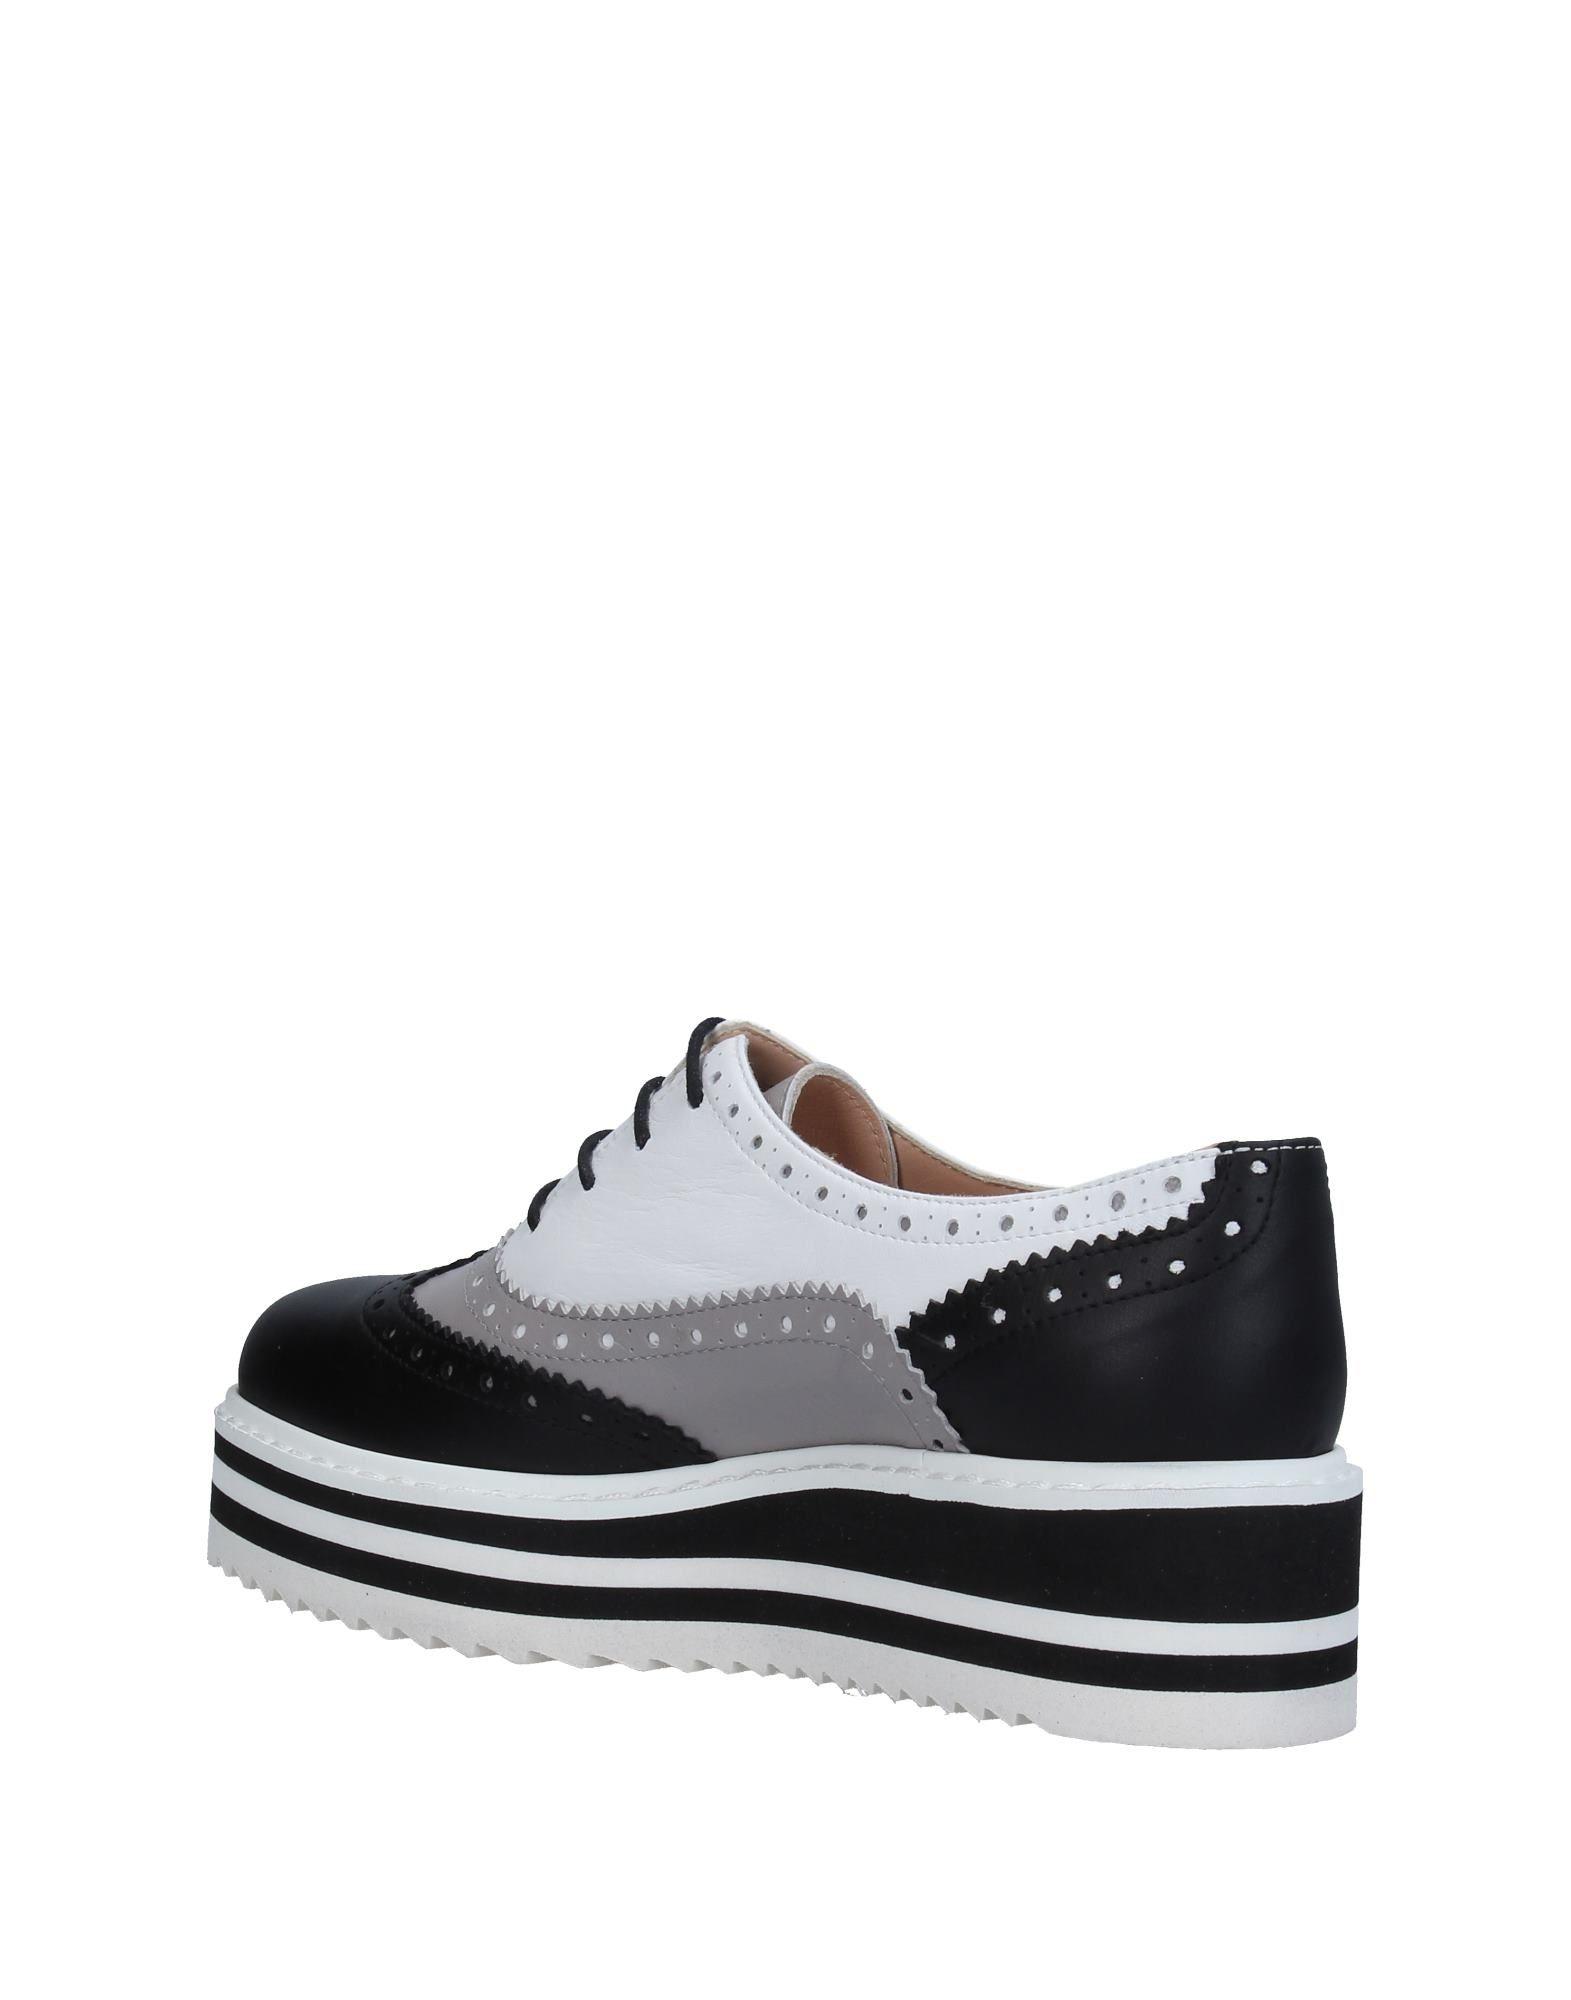 ... Chaussures À Lacets Charme Femme - Chaussures À Lacets Charme sur ...